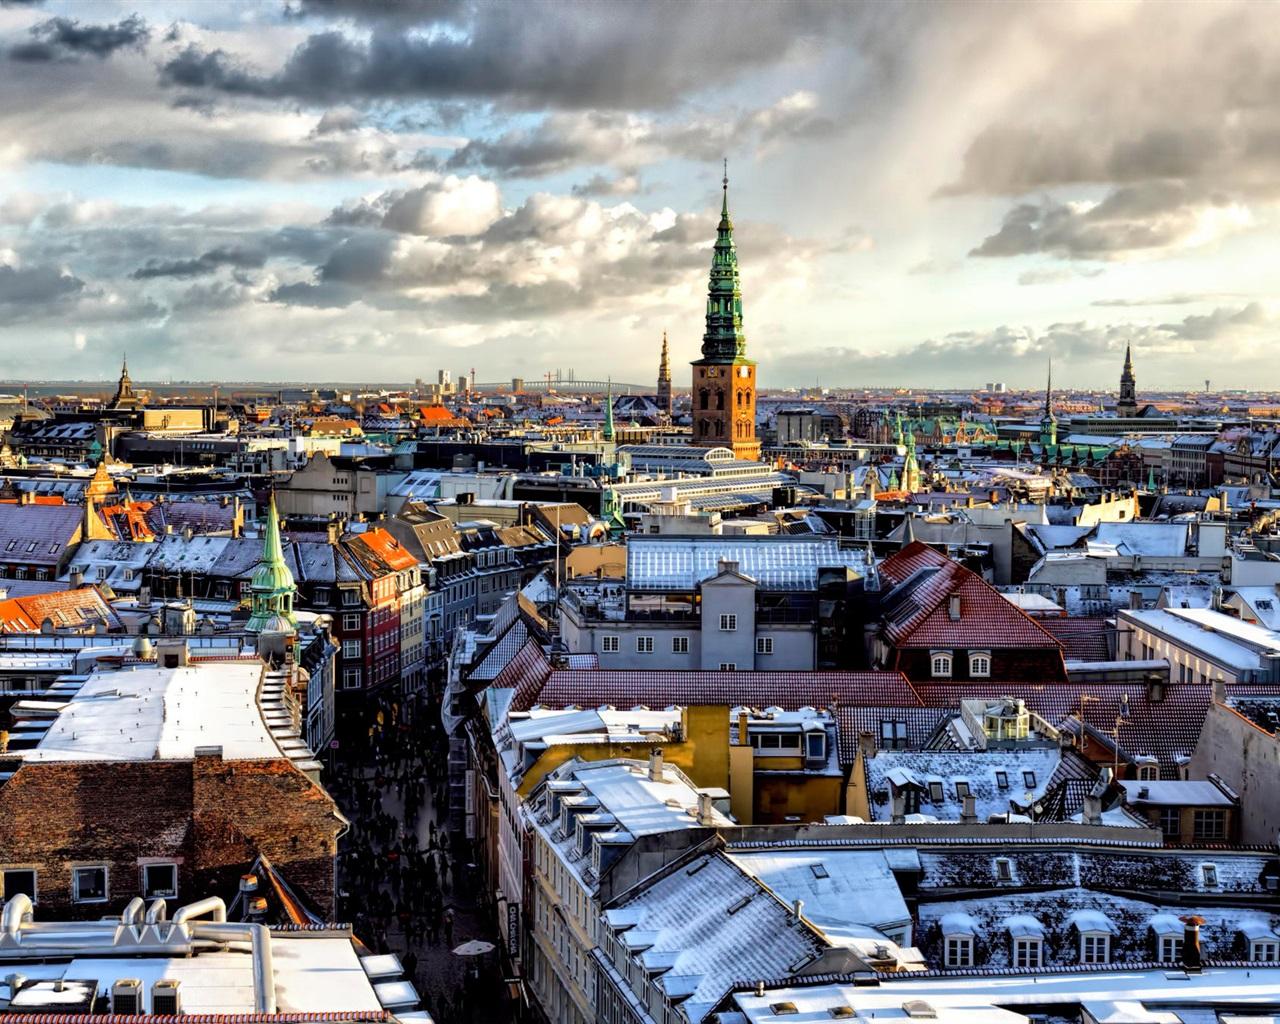 コペンハーゲン、都市、住宅、雪、雲 壁紙 - 1280x1024   コペンハーゲン、都市、住宅